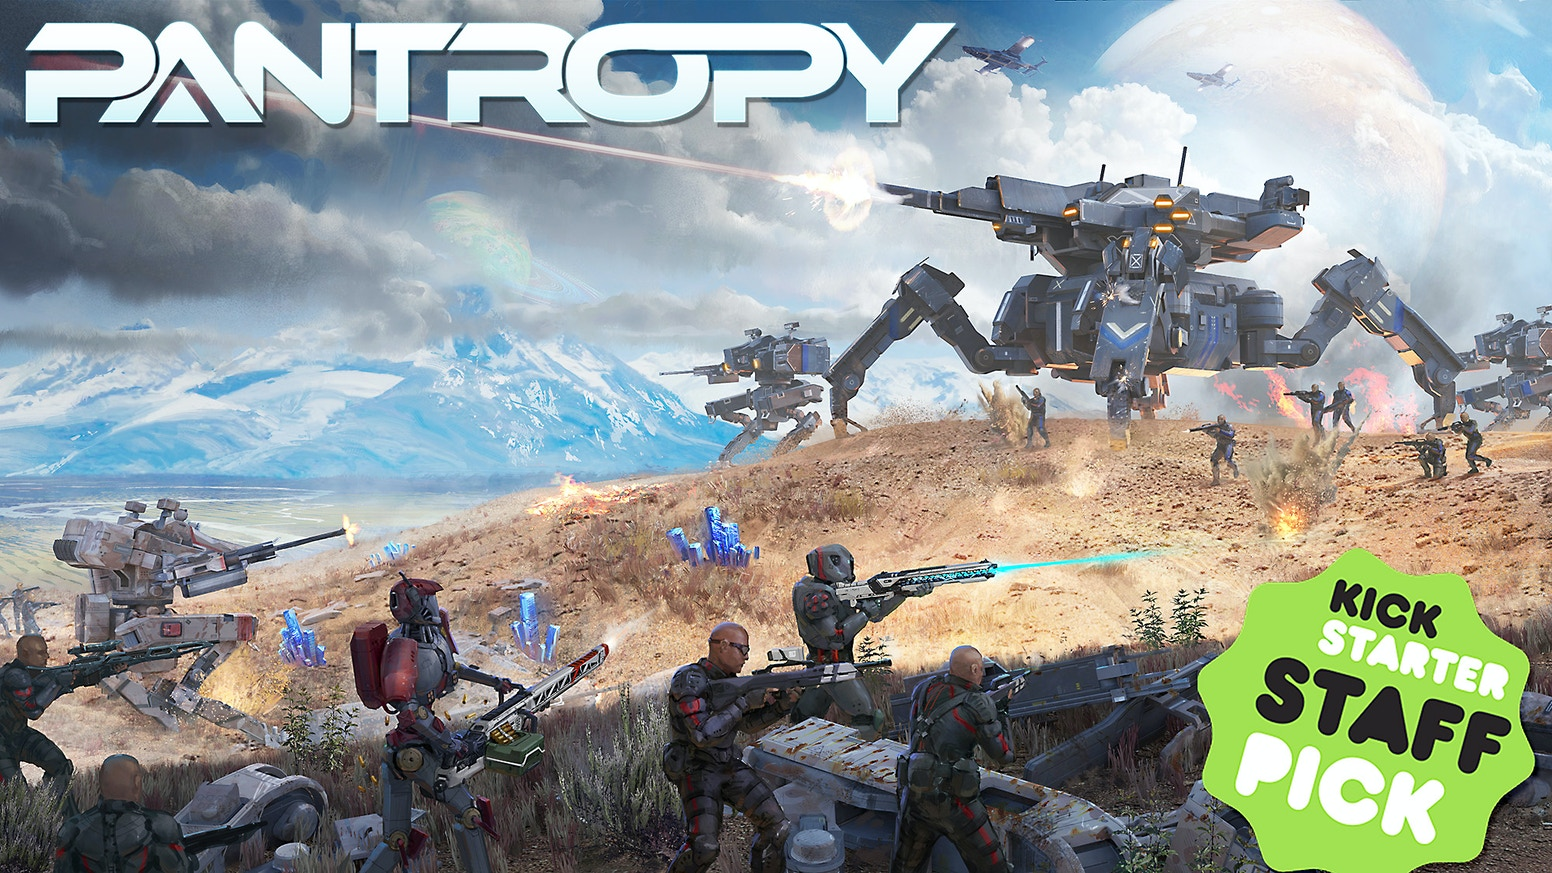 Pantropy [Reboot] by Brain Stone GmbH — Kickstarter